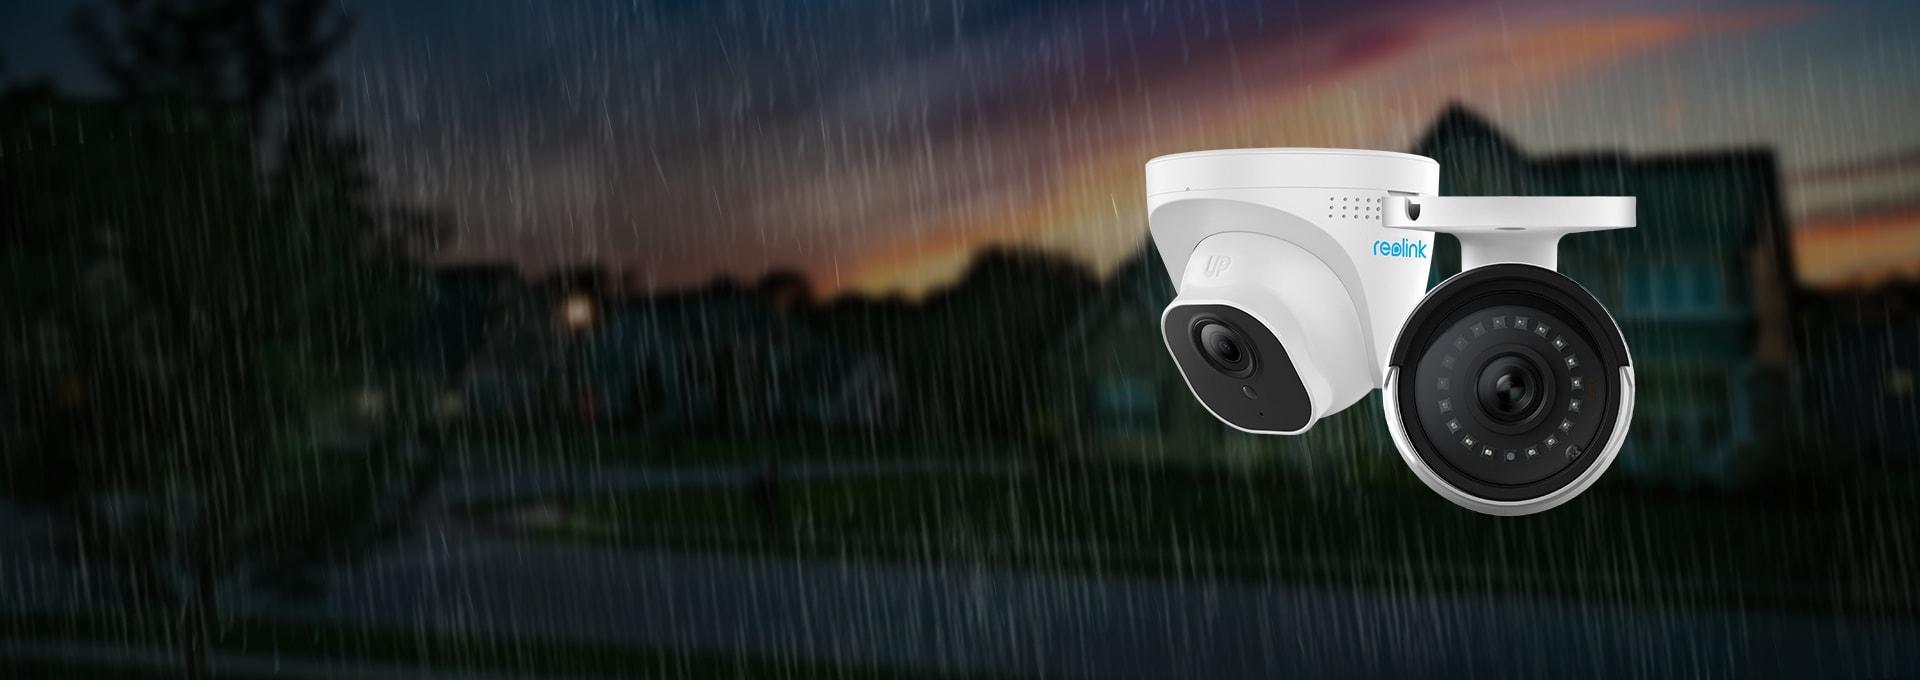 IP66 Waterproof 5MP Outdoor Indoor Security Camera System